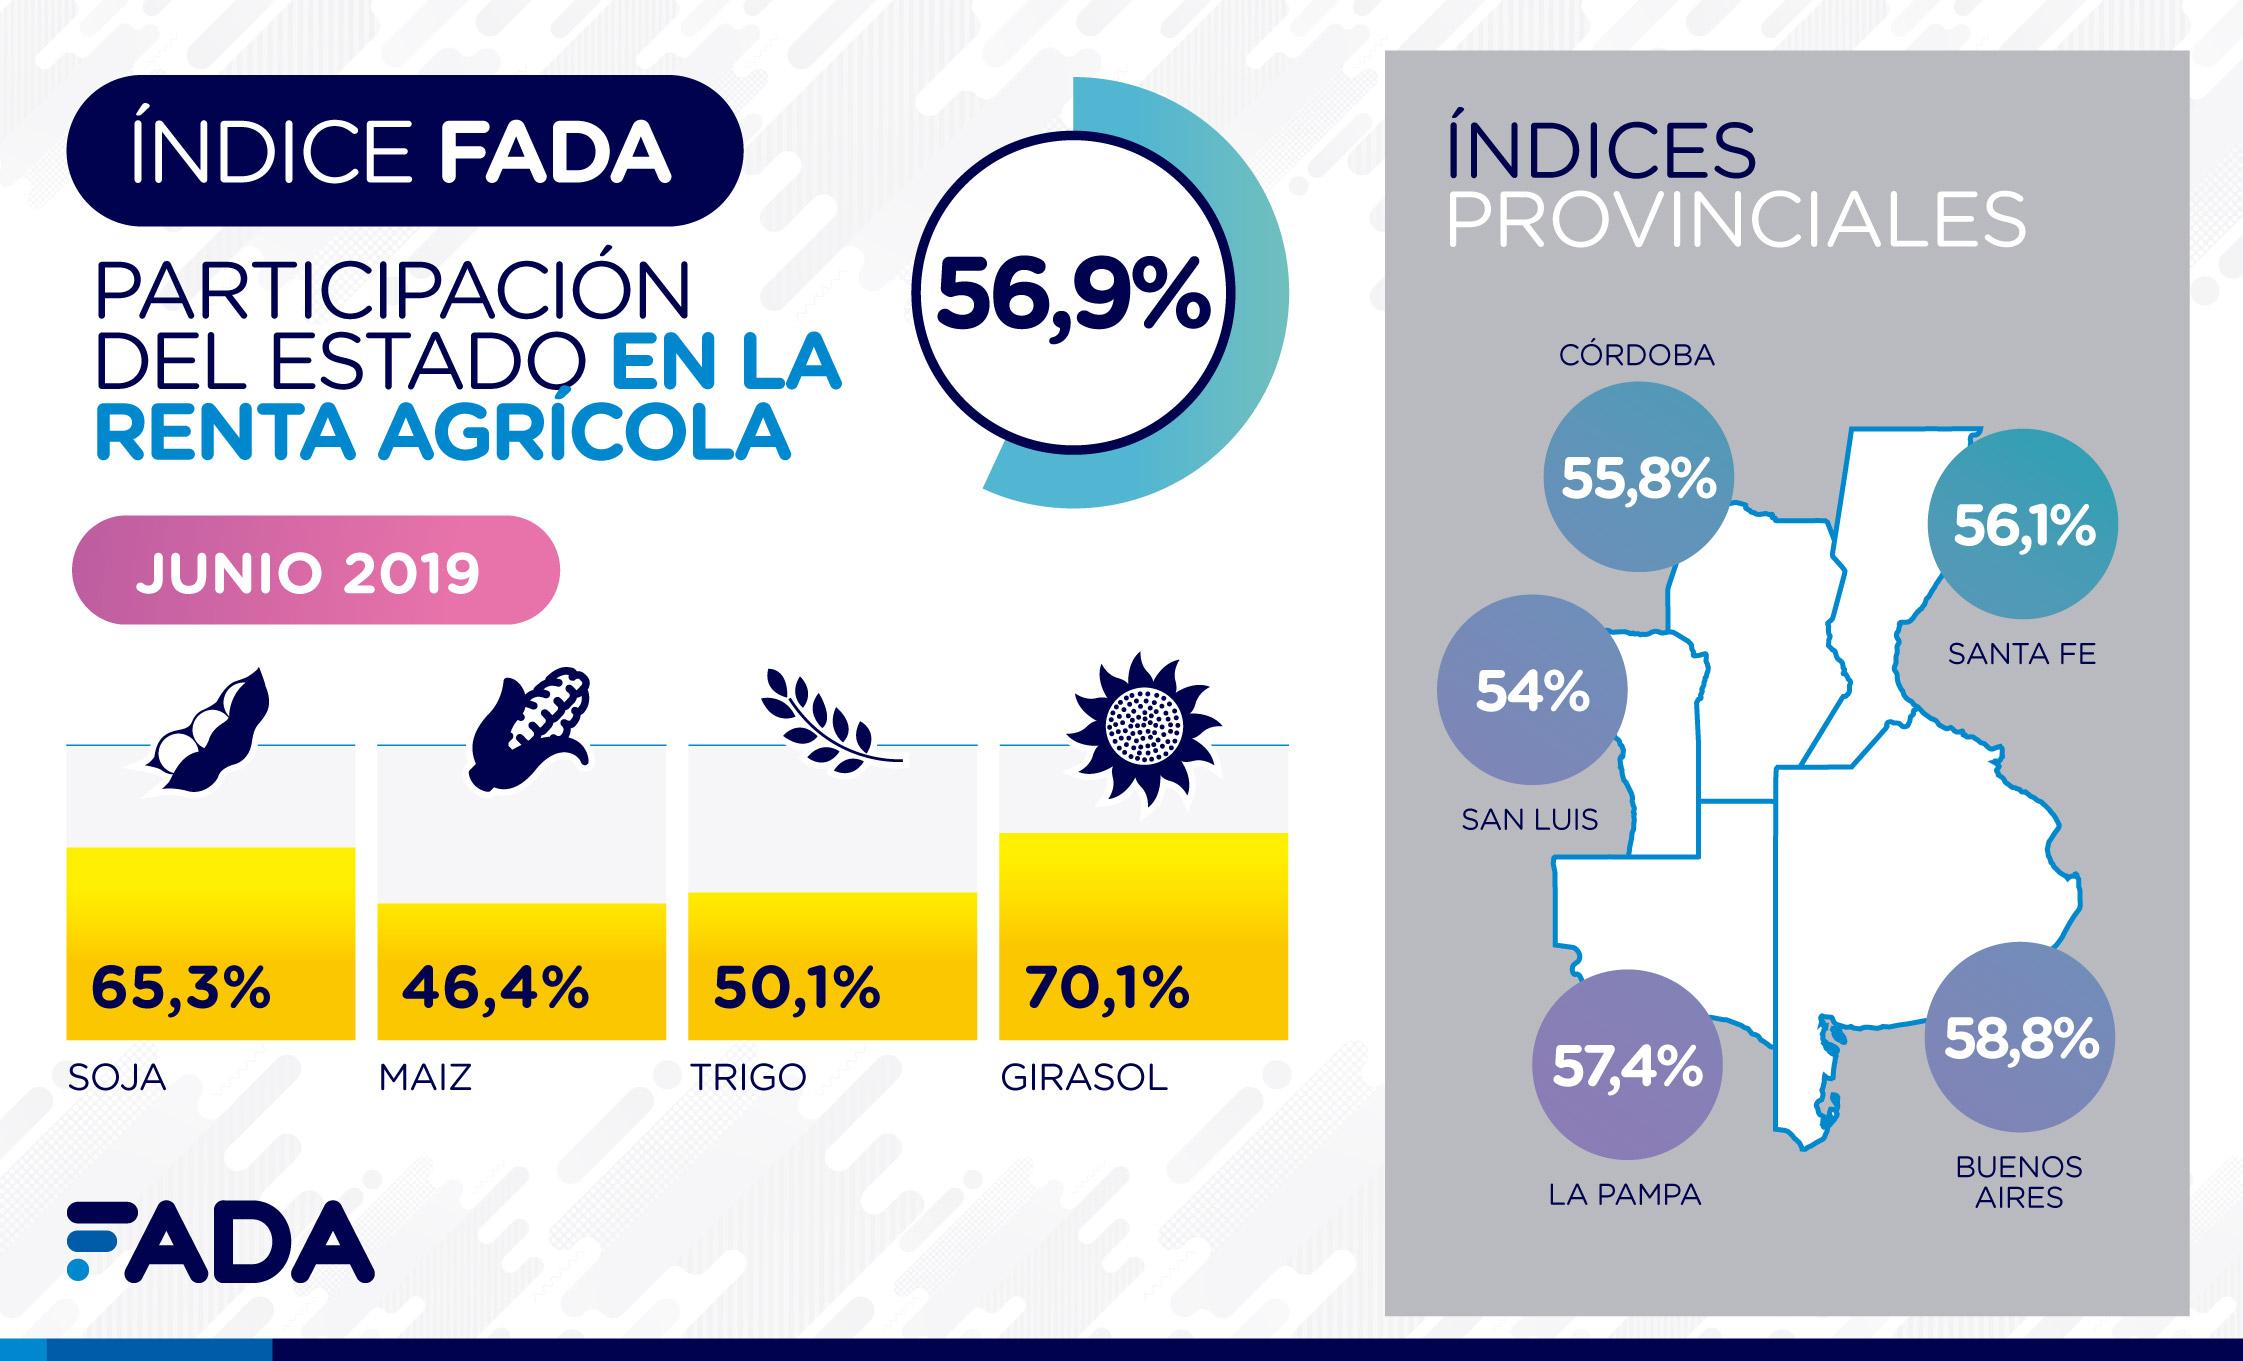 Índice FADA Junio 2019: el Estado se queda con el 56,9% de la renta agrícola